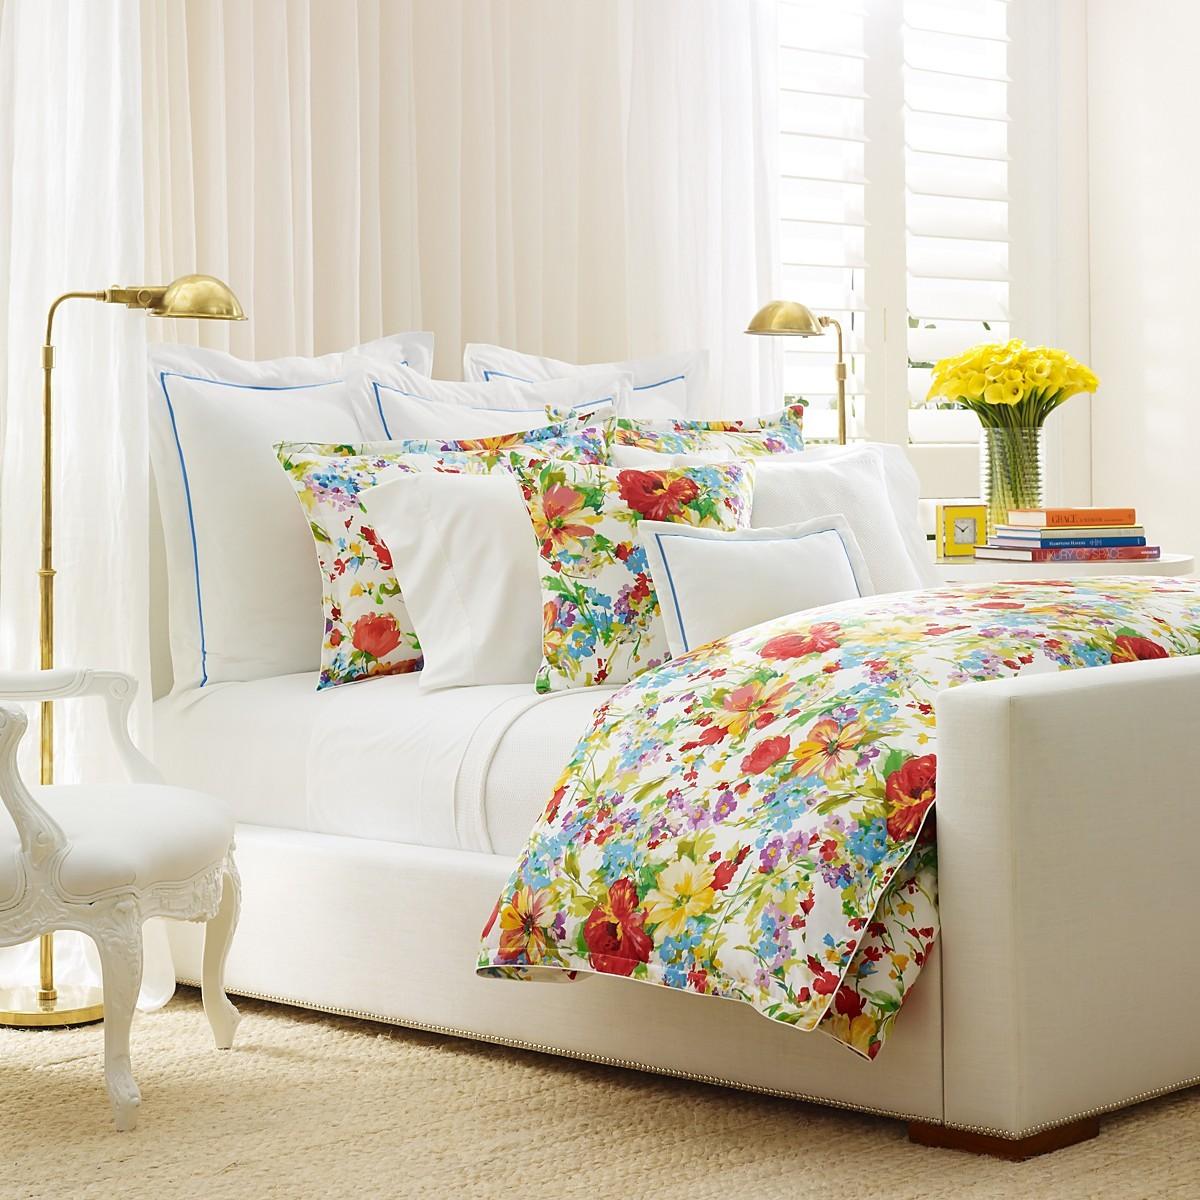 feminine colorful flower bedding